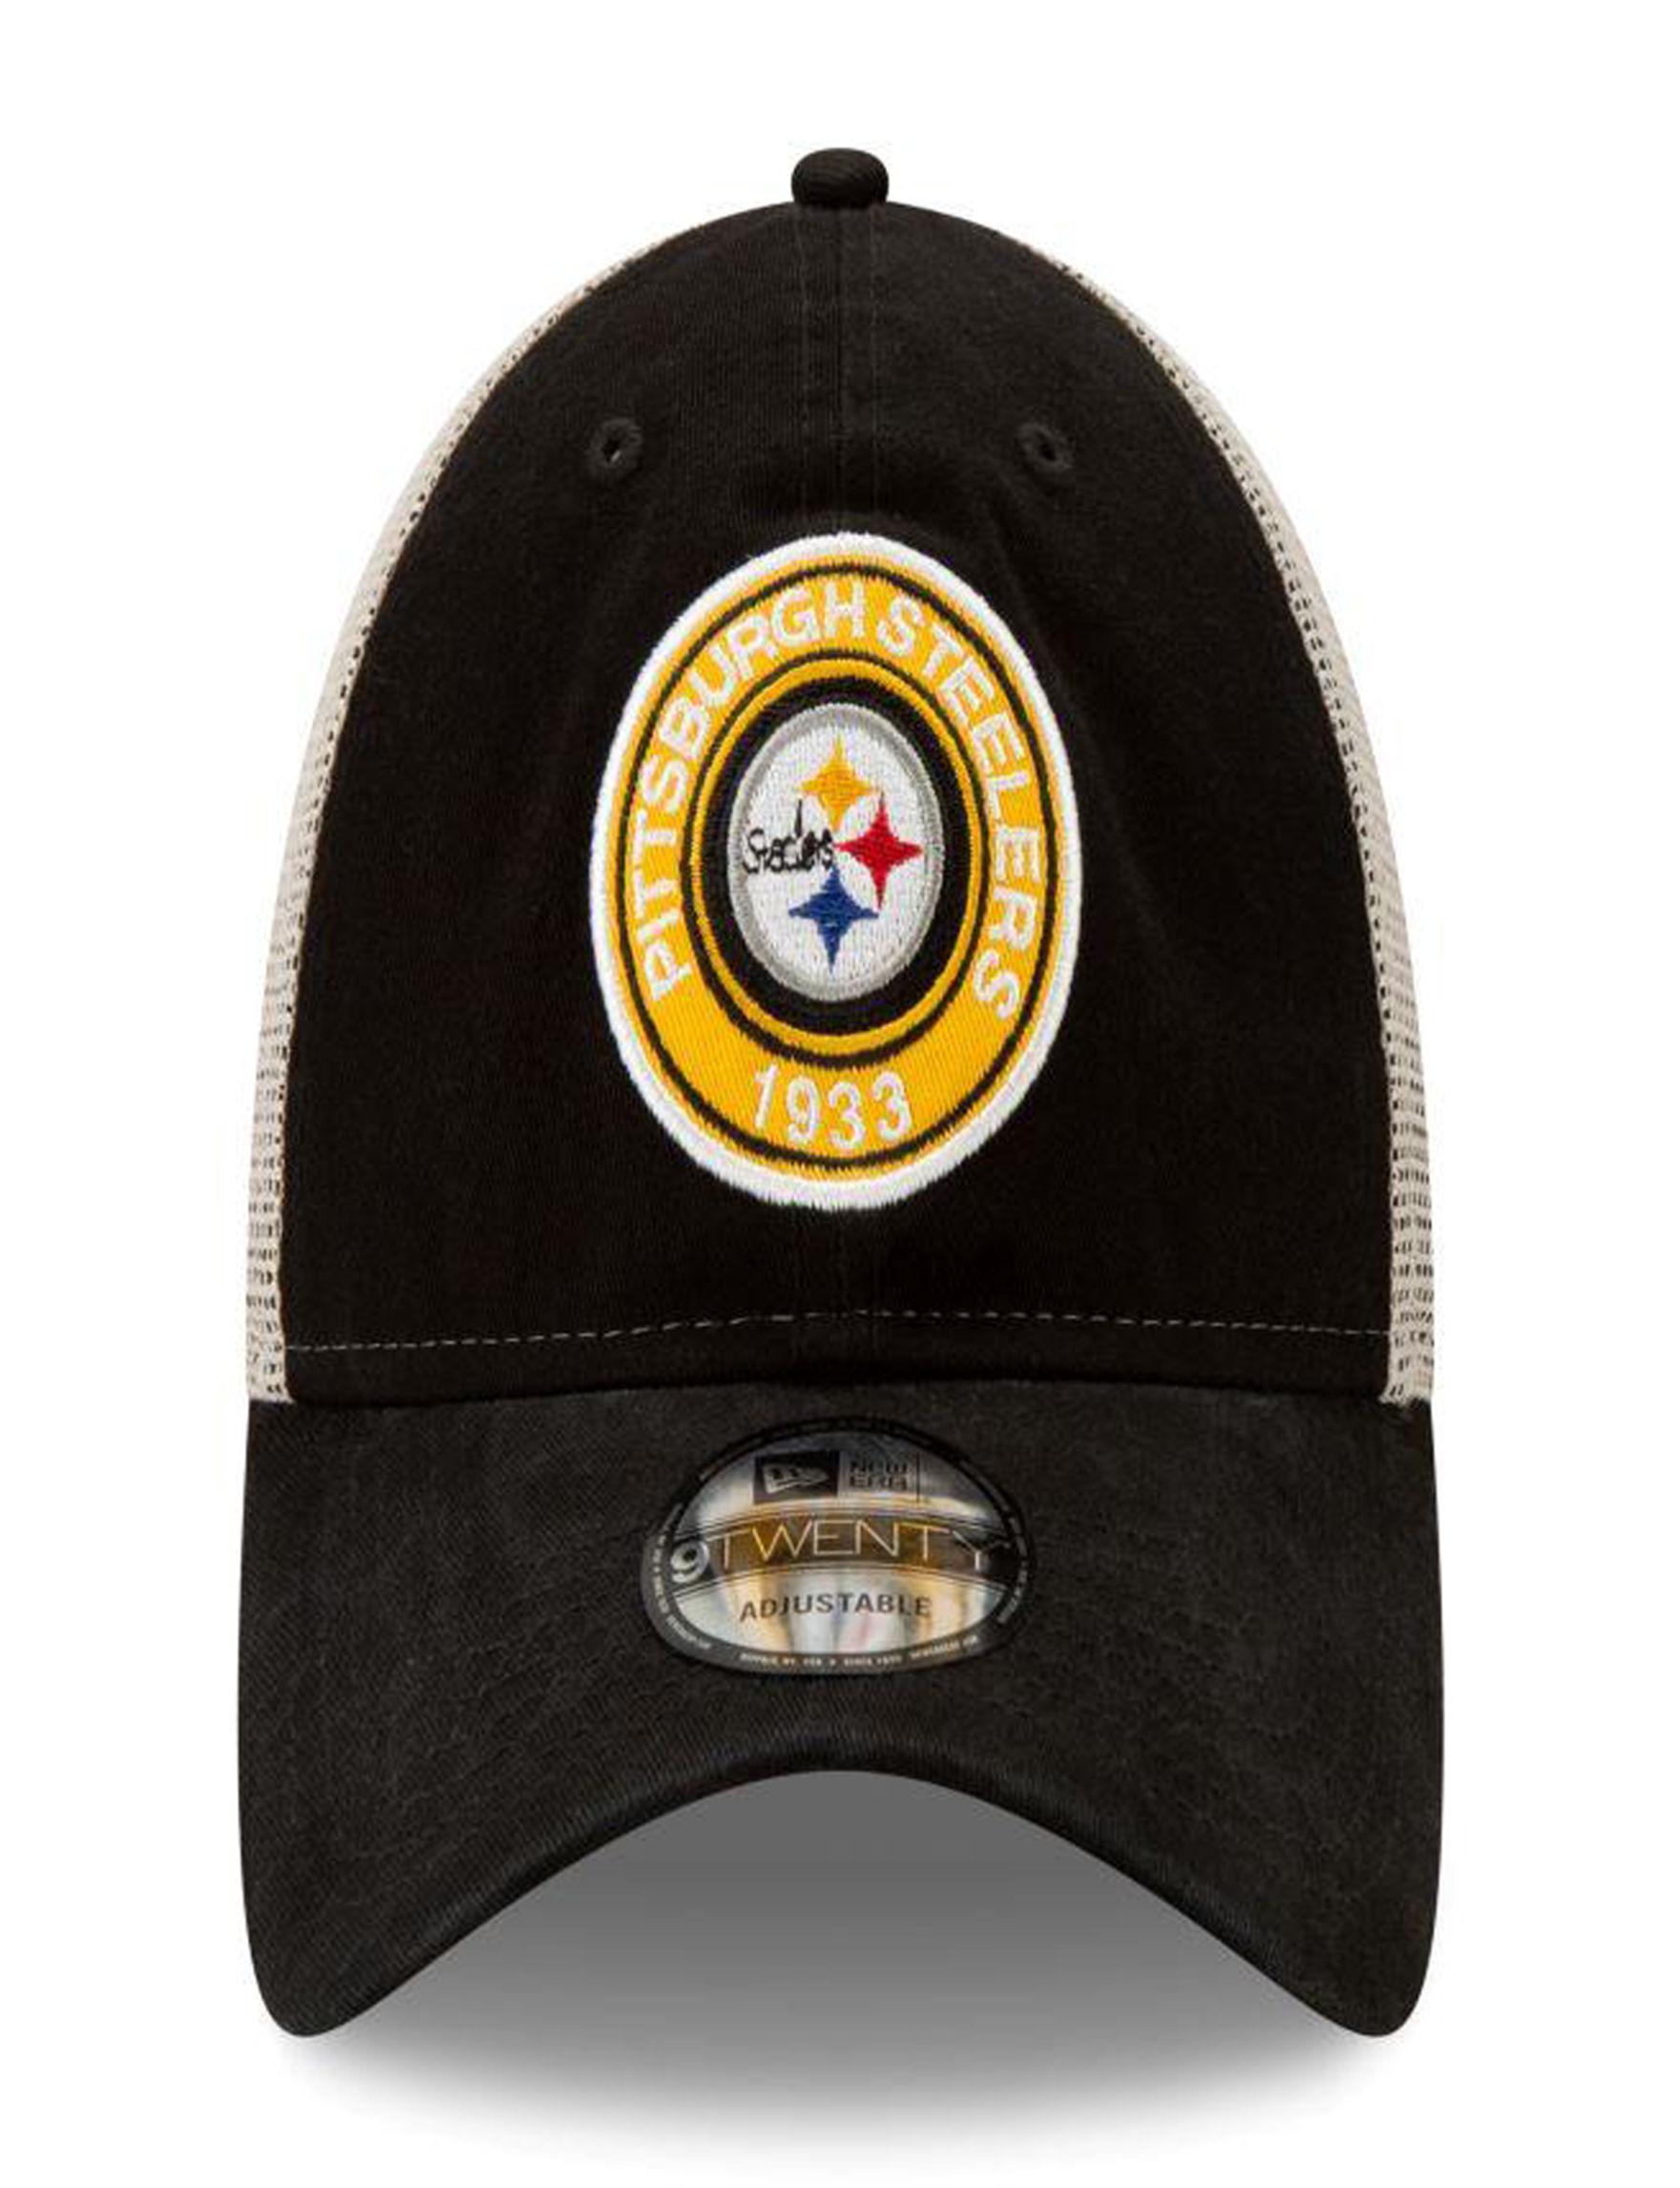 NFL Black / White Hats & Headwear